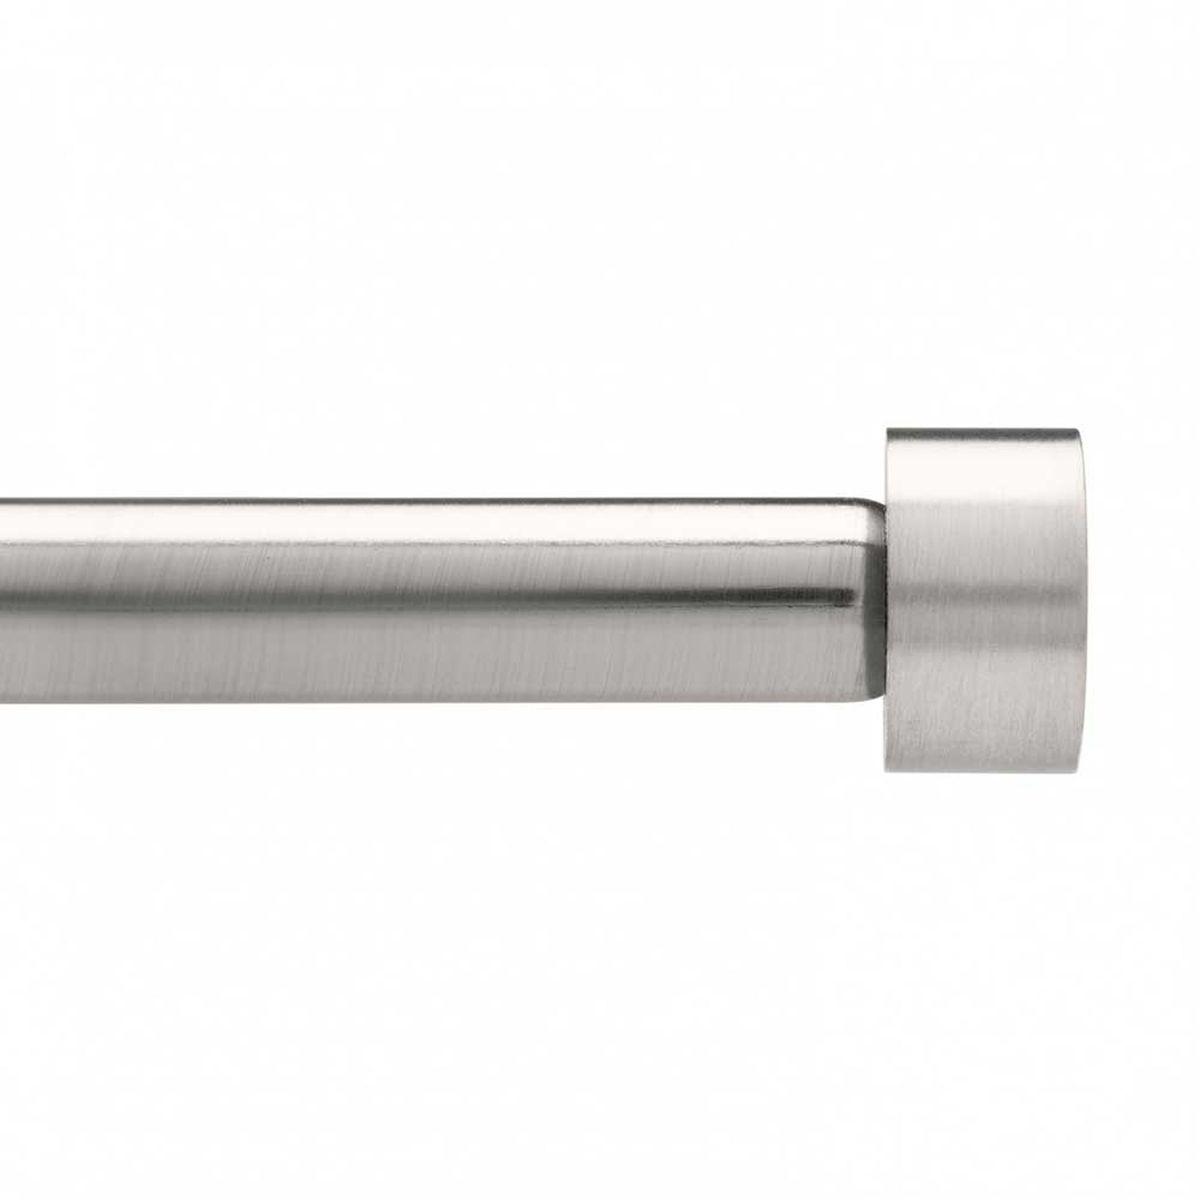 Карниз Umbra Cappa (91-183 см) никель. 244993-411244993-411Универсальный карниз для любого интерьера Cappa имеет телескопическую конструкцию, которая позволяет регулировать его длину, и металлические украшения в виде насадок по краям. Диаметр 1,9 см. Крепления идут в комплекте.